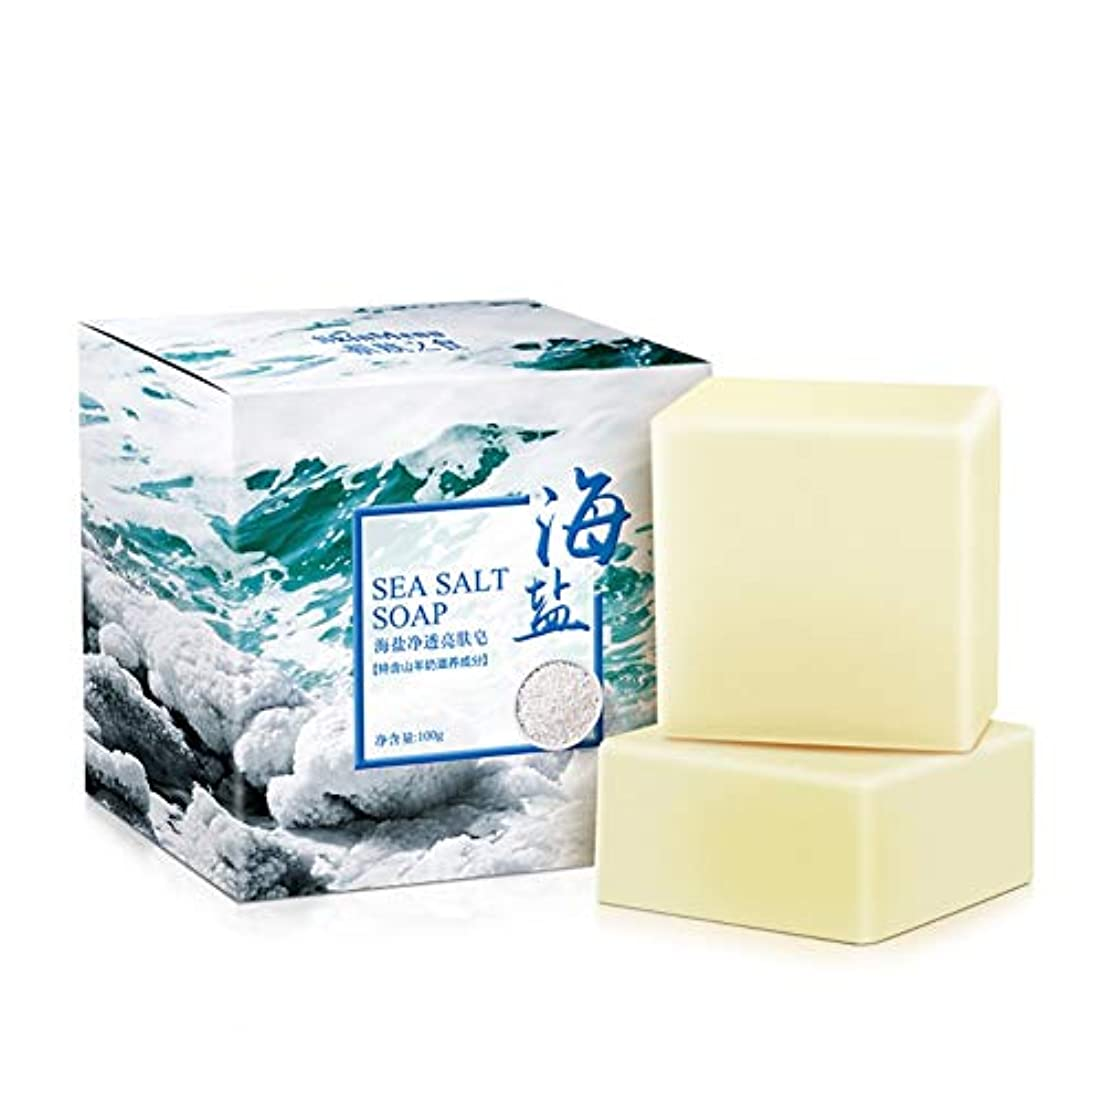 曲げる申込み報いるKISSION せっけん 透明な半透明石鹸 海塩が豊富 ローカストソープ ダニをすばやく削除 無添加 敏感 保湿 肌用 毛穴 対策 パーソナルケア製品